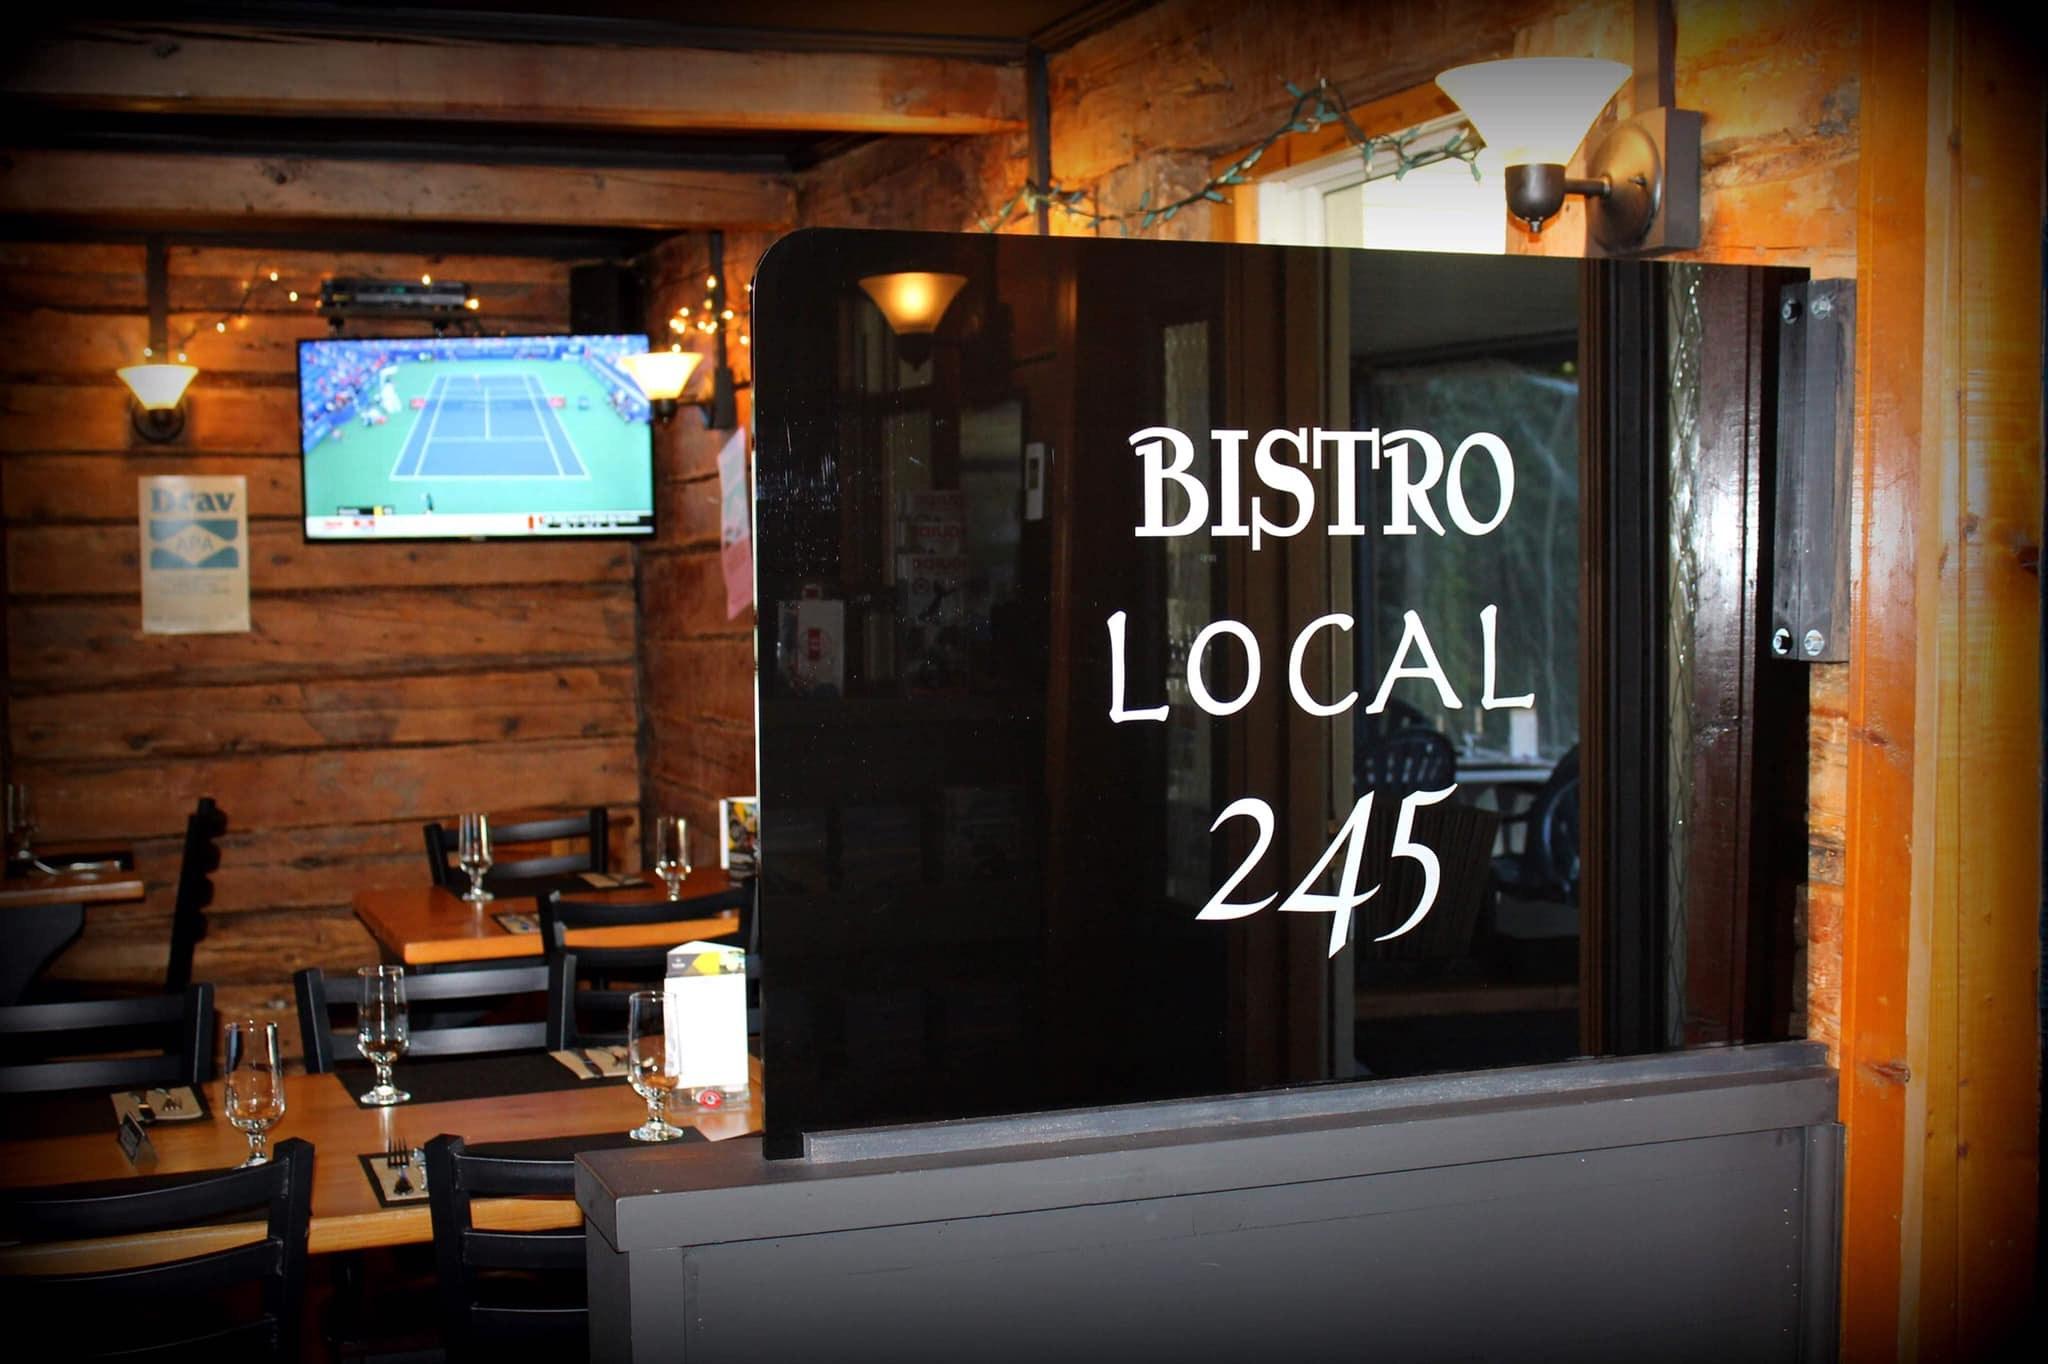 bistro-local